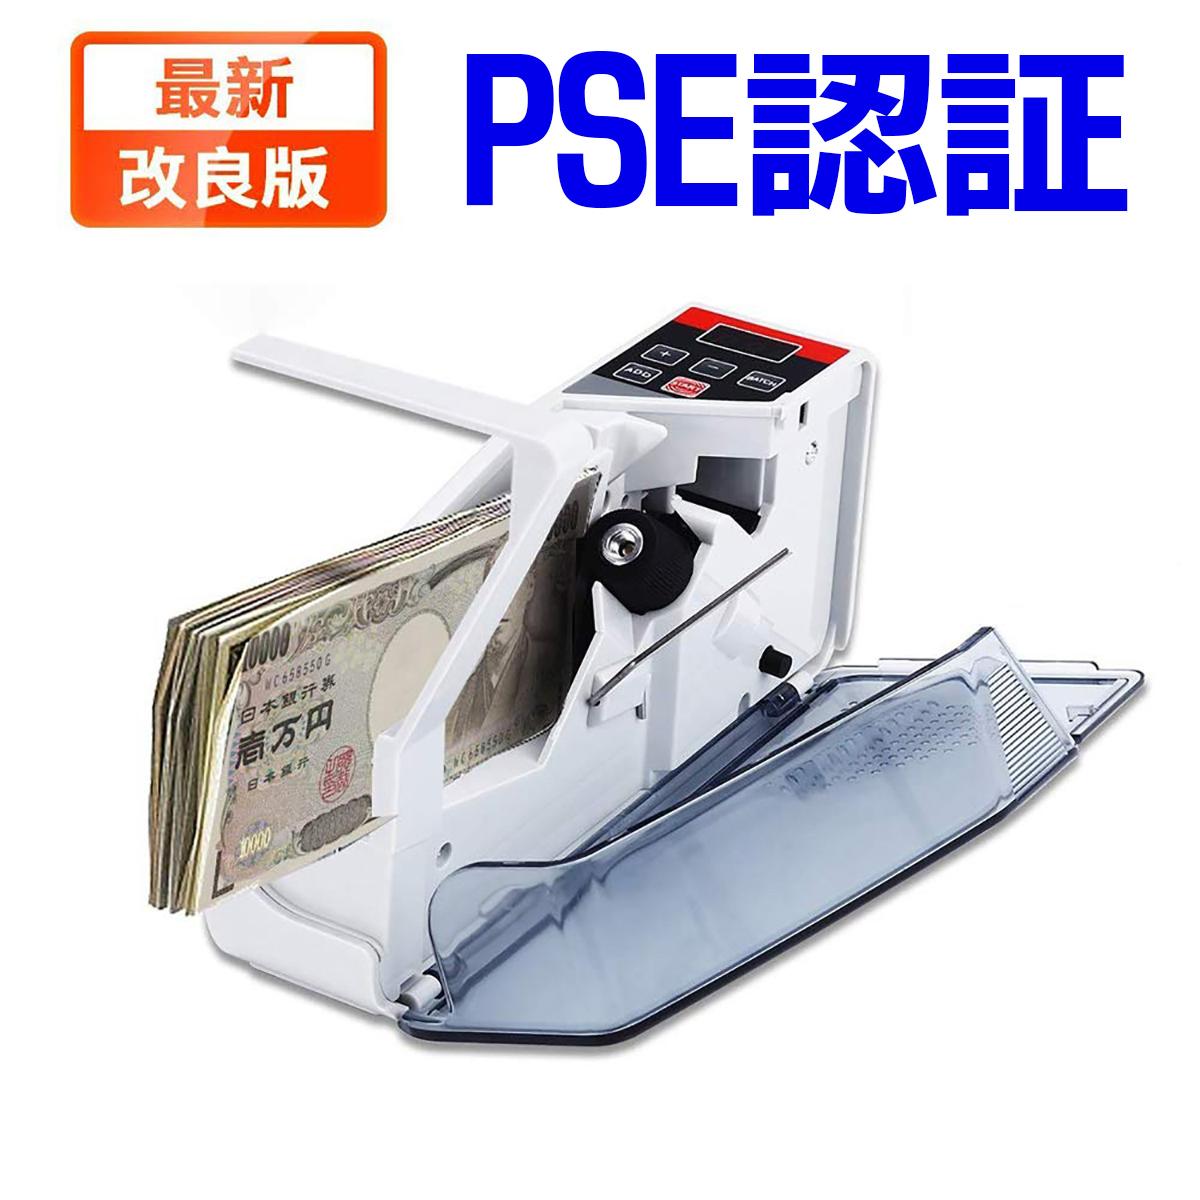 PSE認証 低価格で ナンバー1 のコストパフォーマンスに優れた商品です 一年保証 ユーザーが安心して購入 使用できるようにアフターメンテナンス費用を激安にしております 買収 マネーカウンターV40 V30のアップグレード版 デジタル 高速 紙幣カウンター メール便送料無料 外国紙幣 激安販売中 電池両対応 ギフト券 ハンディマネーカウンター ハンディーお札カウンター 国内正規代理店 家庭用コンセント 実物 紙幣計数機 計数機